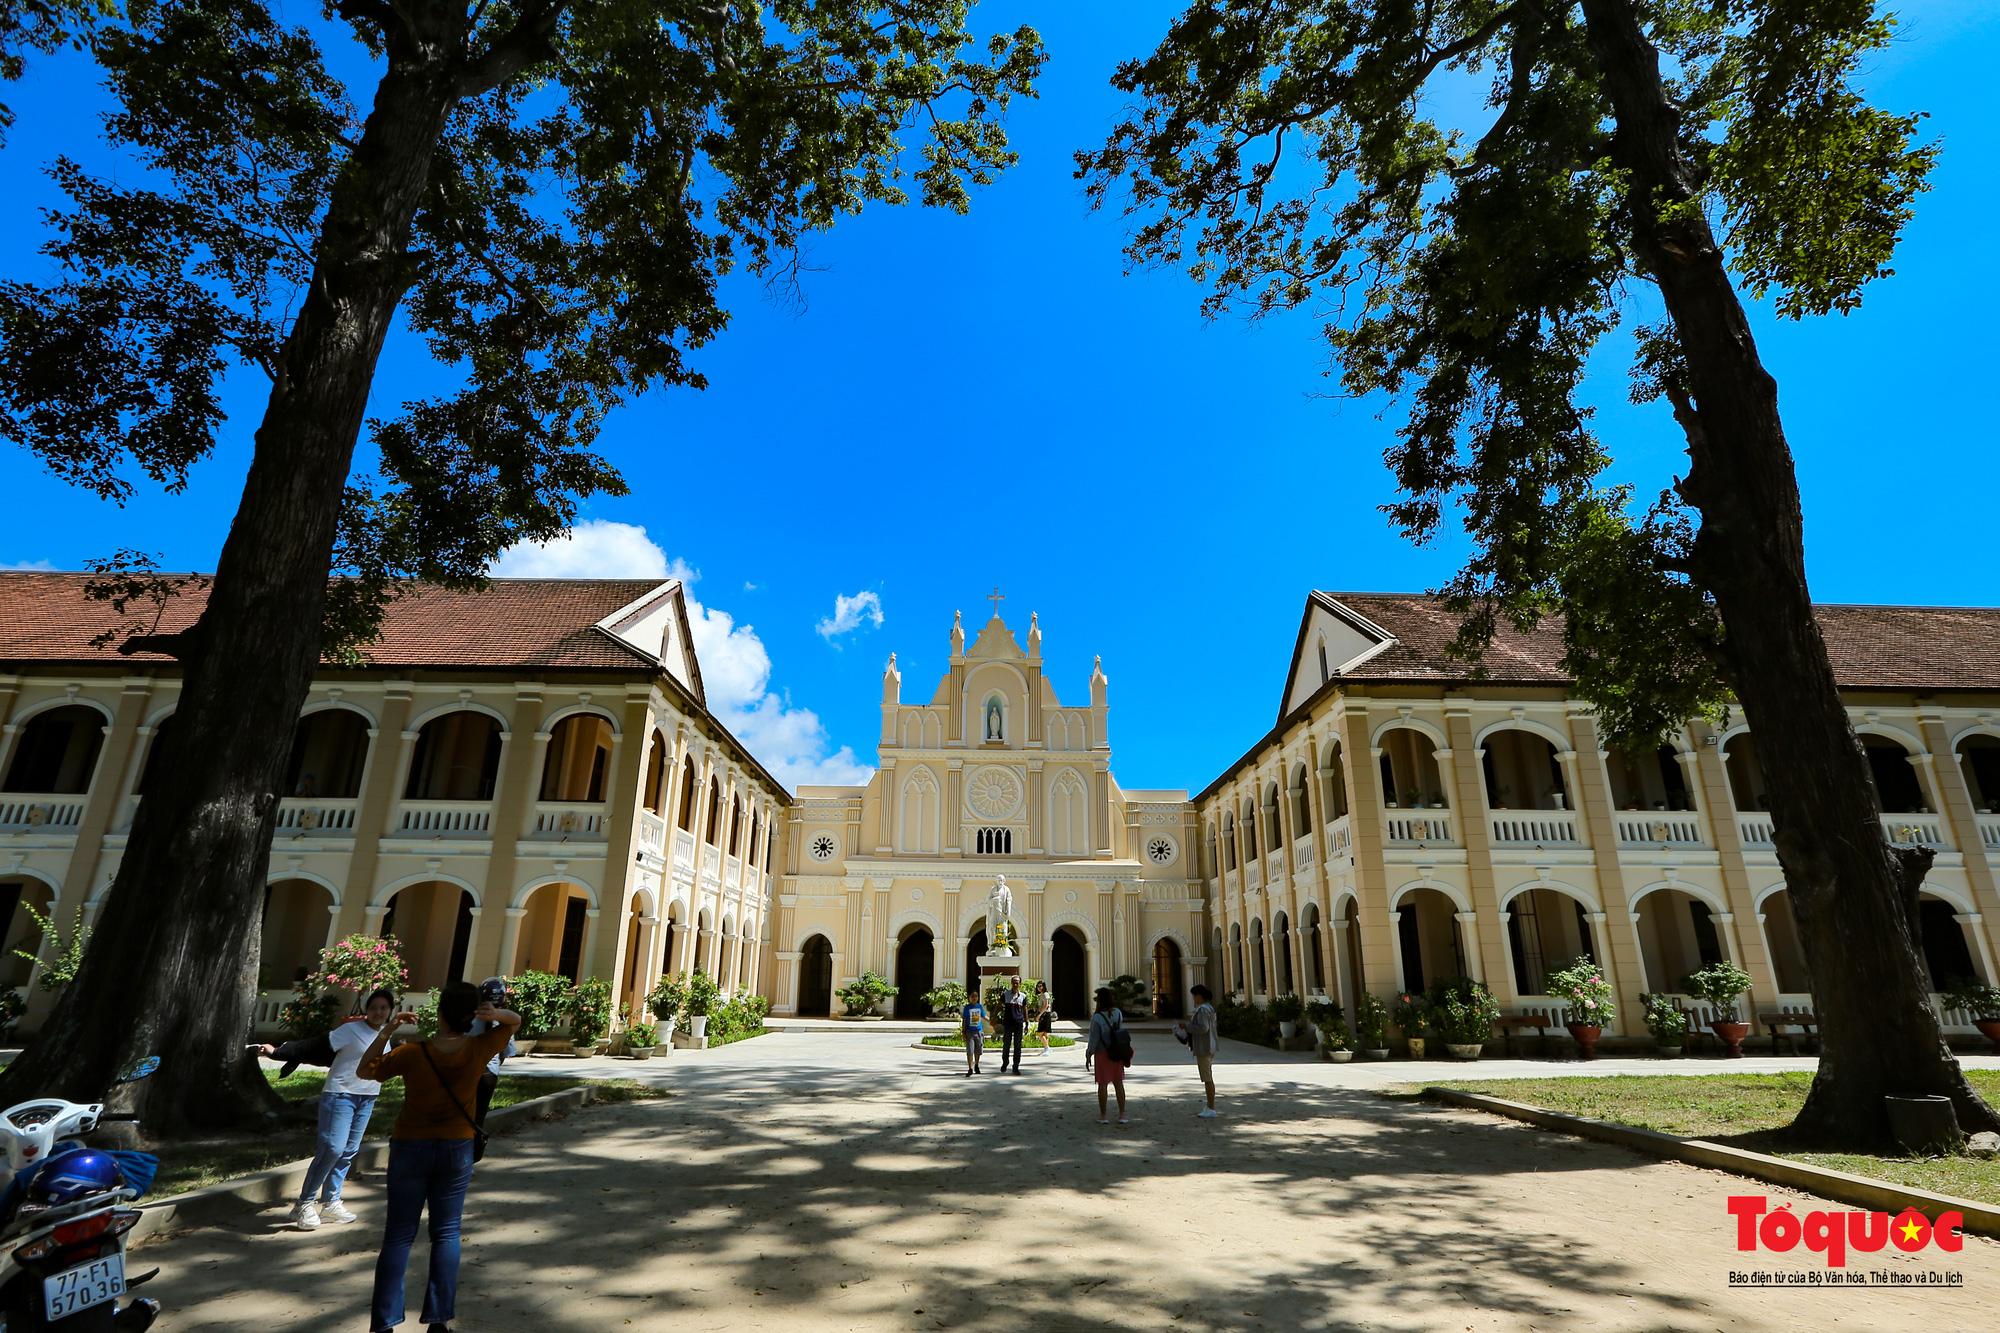 Tiểu Chủng Viện Làng Sông - kiến trúc Gothic tuyệt đẹp giữa đồng quê Việt Nam - Ảnh 11.